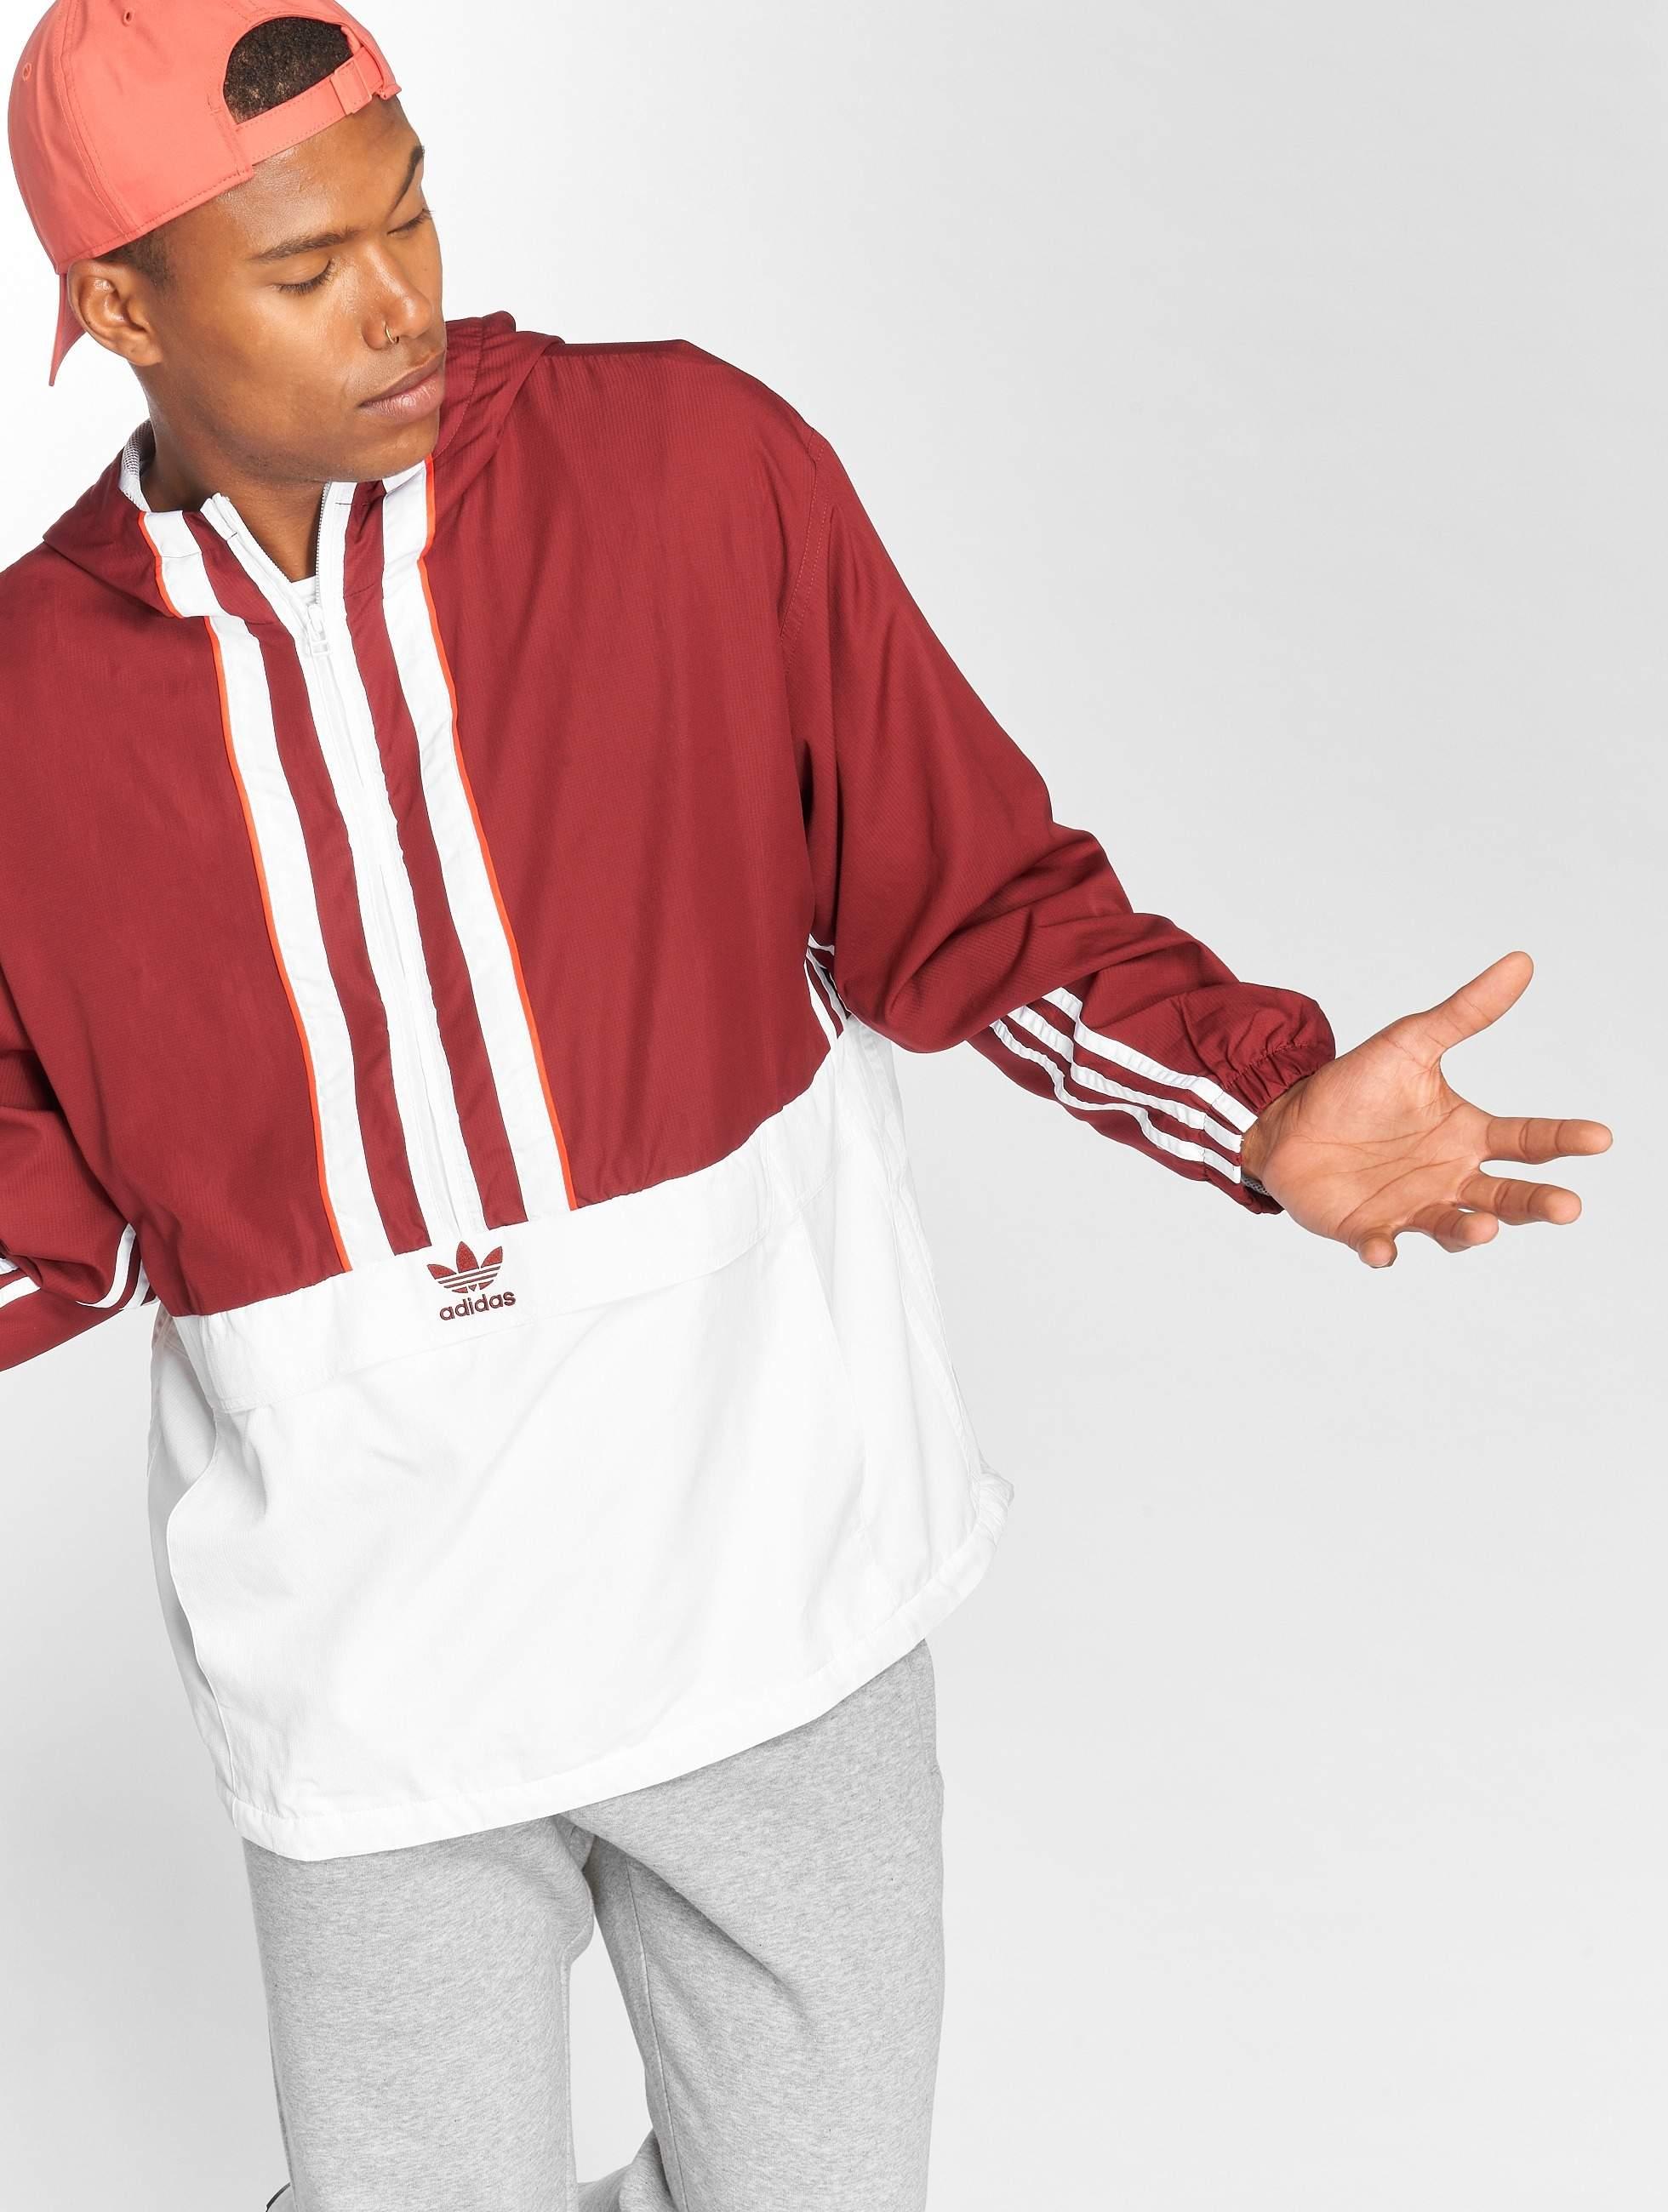 6qx55aa7 Transition Mi Originals Anorak Homme Rouge Veste Adidas Auth MSVpUz